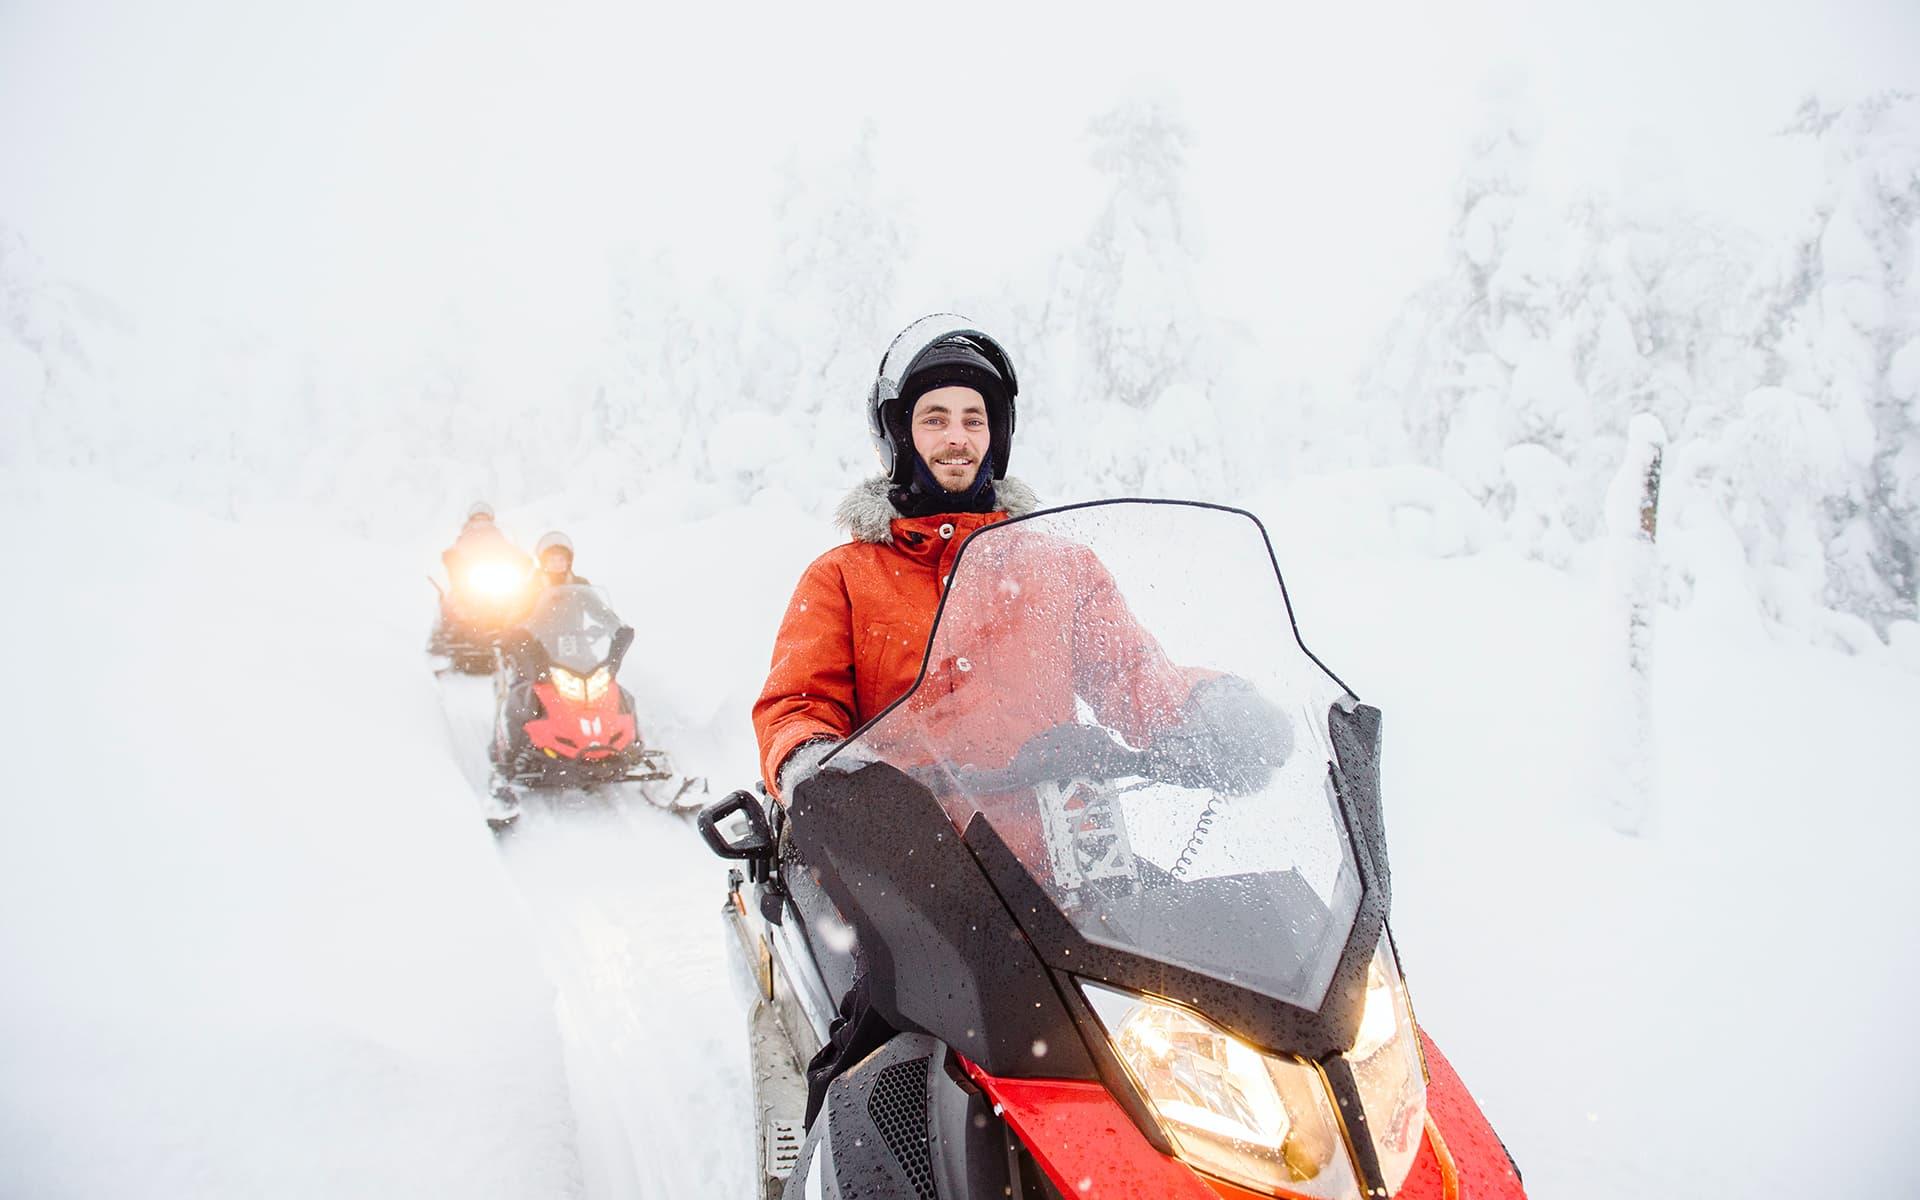 Visit Finland | Juho Kuva